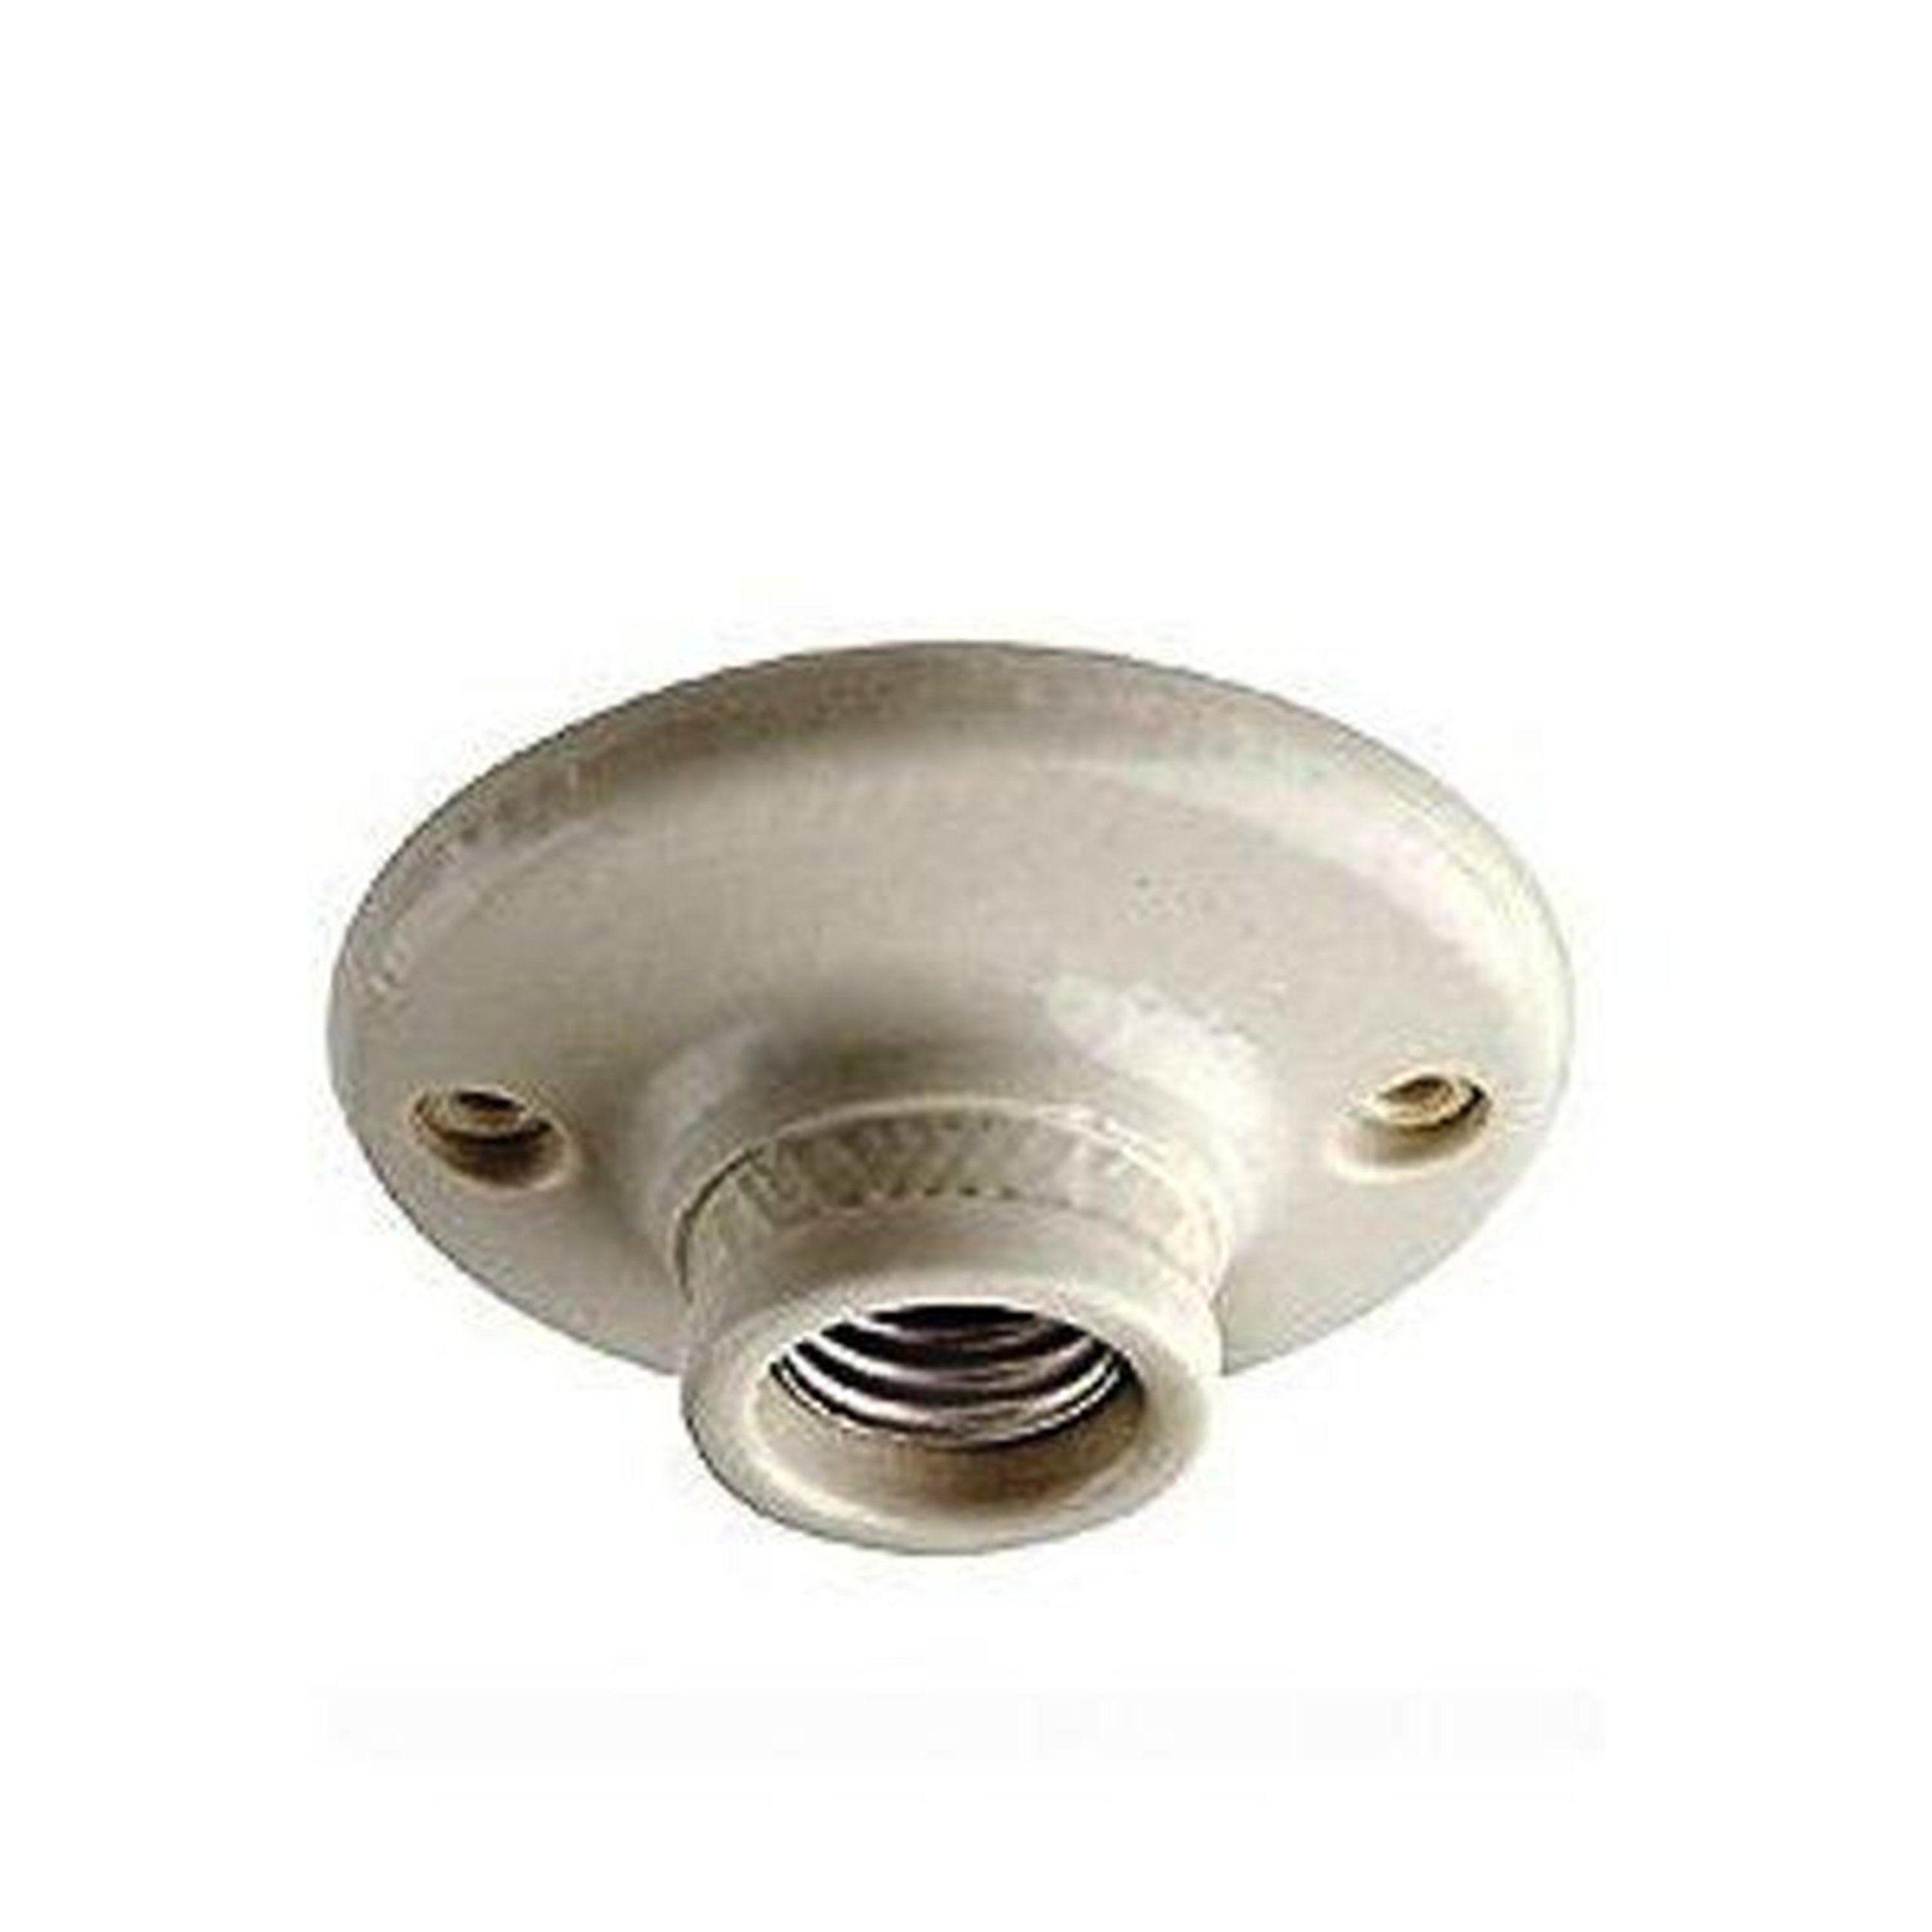 Leviton 9874 Porcelain Outlet Box Mount Incandescent